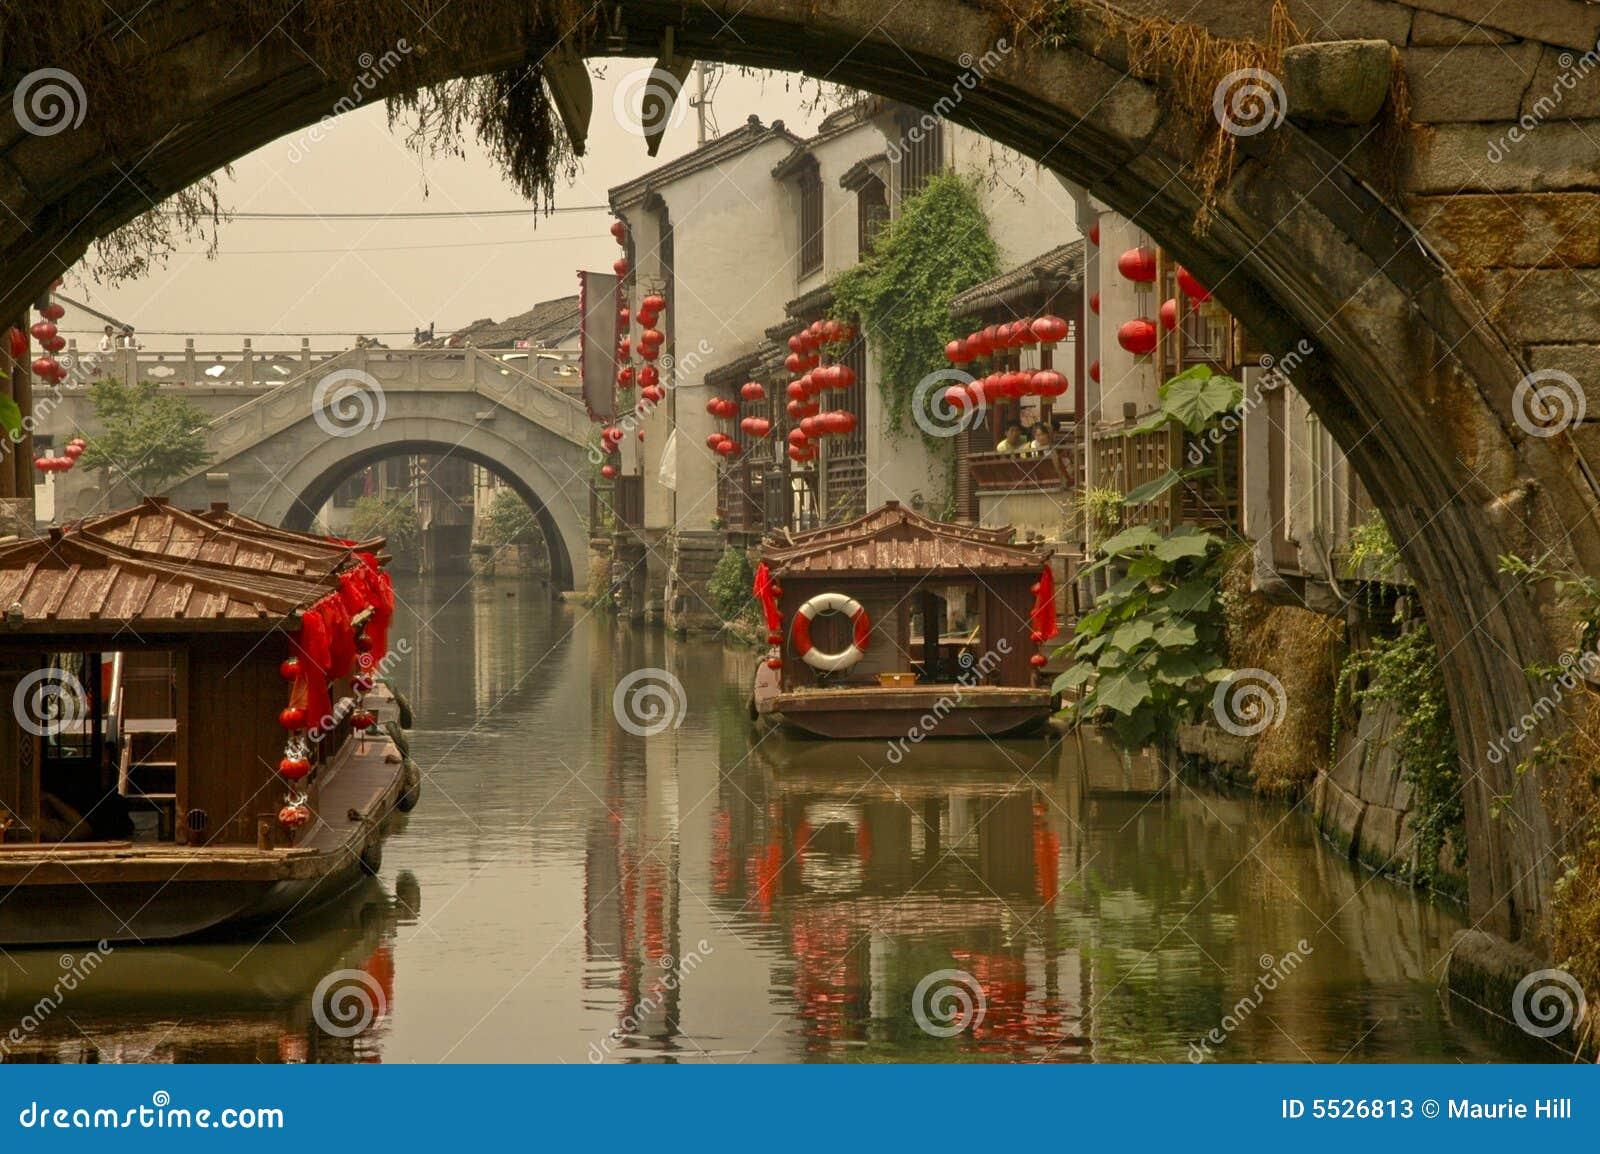 Canal Bridge In Suzhou, Shanghai